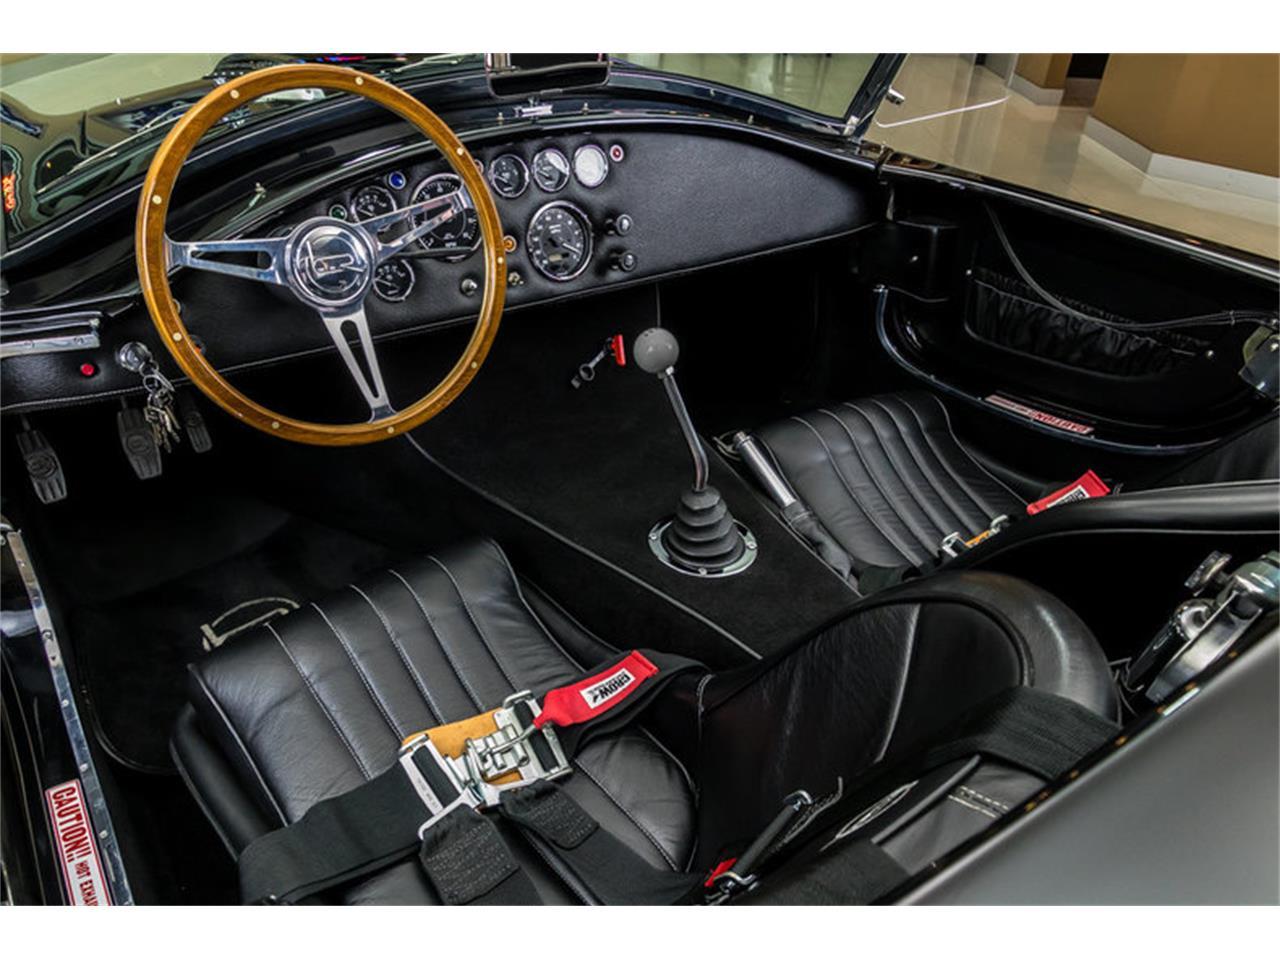 1965 Shelby Cobra For Sale Classiccarscom Cc 1140039